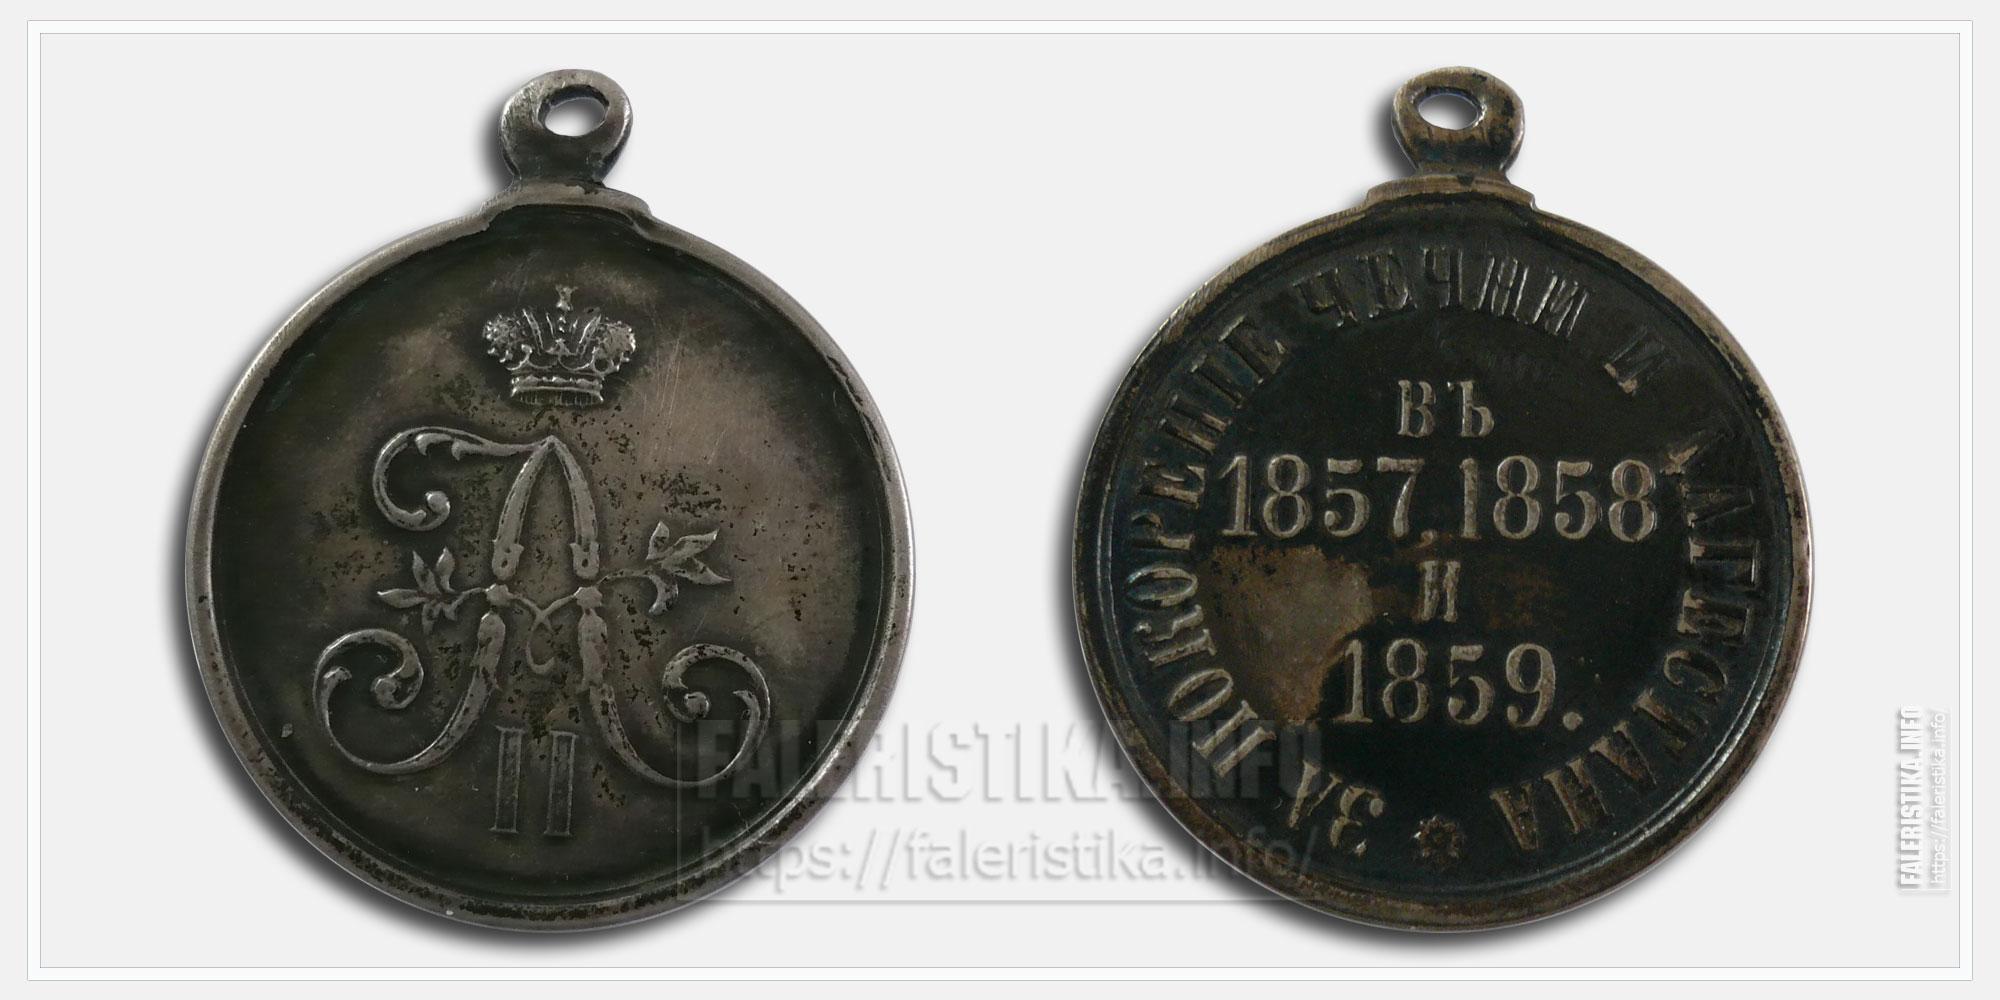 """Медаль """"За покорение Чечни и Дагестана 1857-1859"""" Частник"""